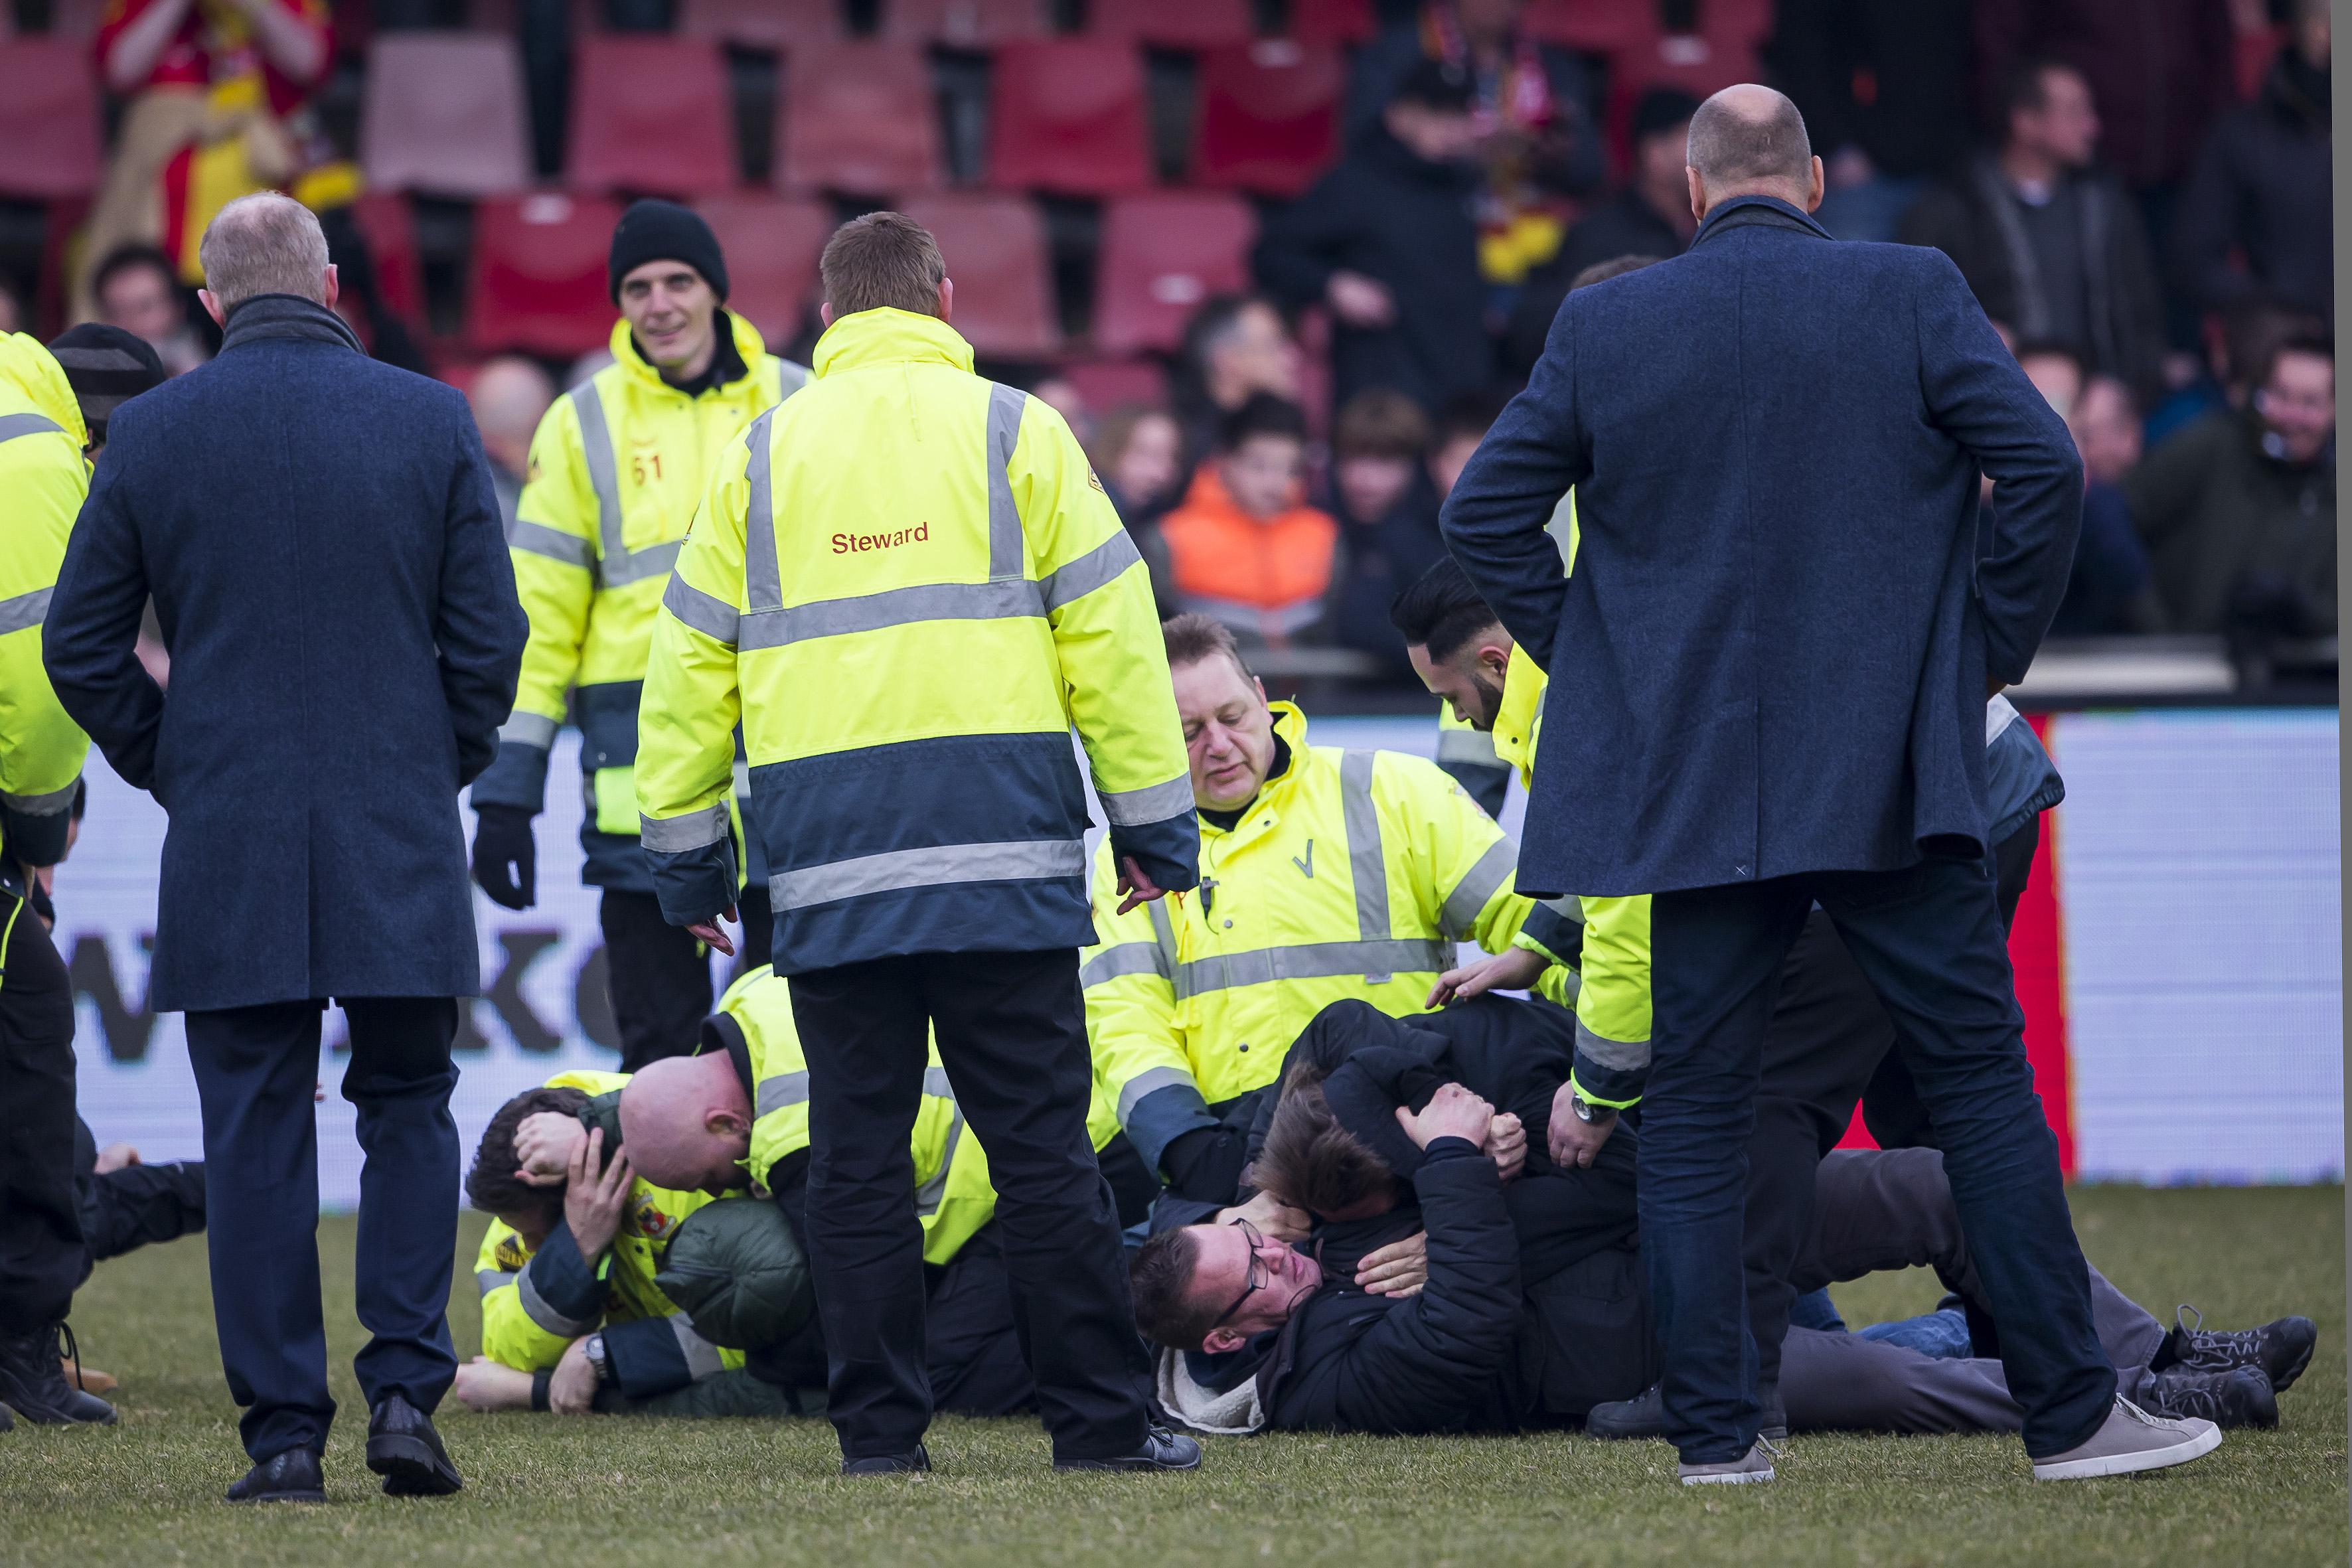 Een foto van beveiligers die supporters van Go Ahead Eagles op het veld overmeesteren